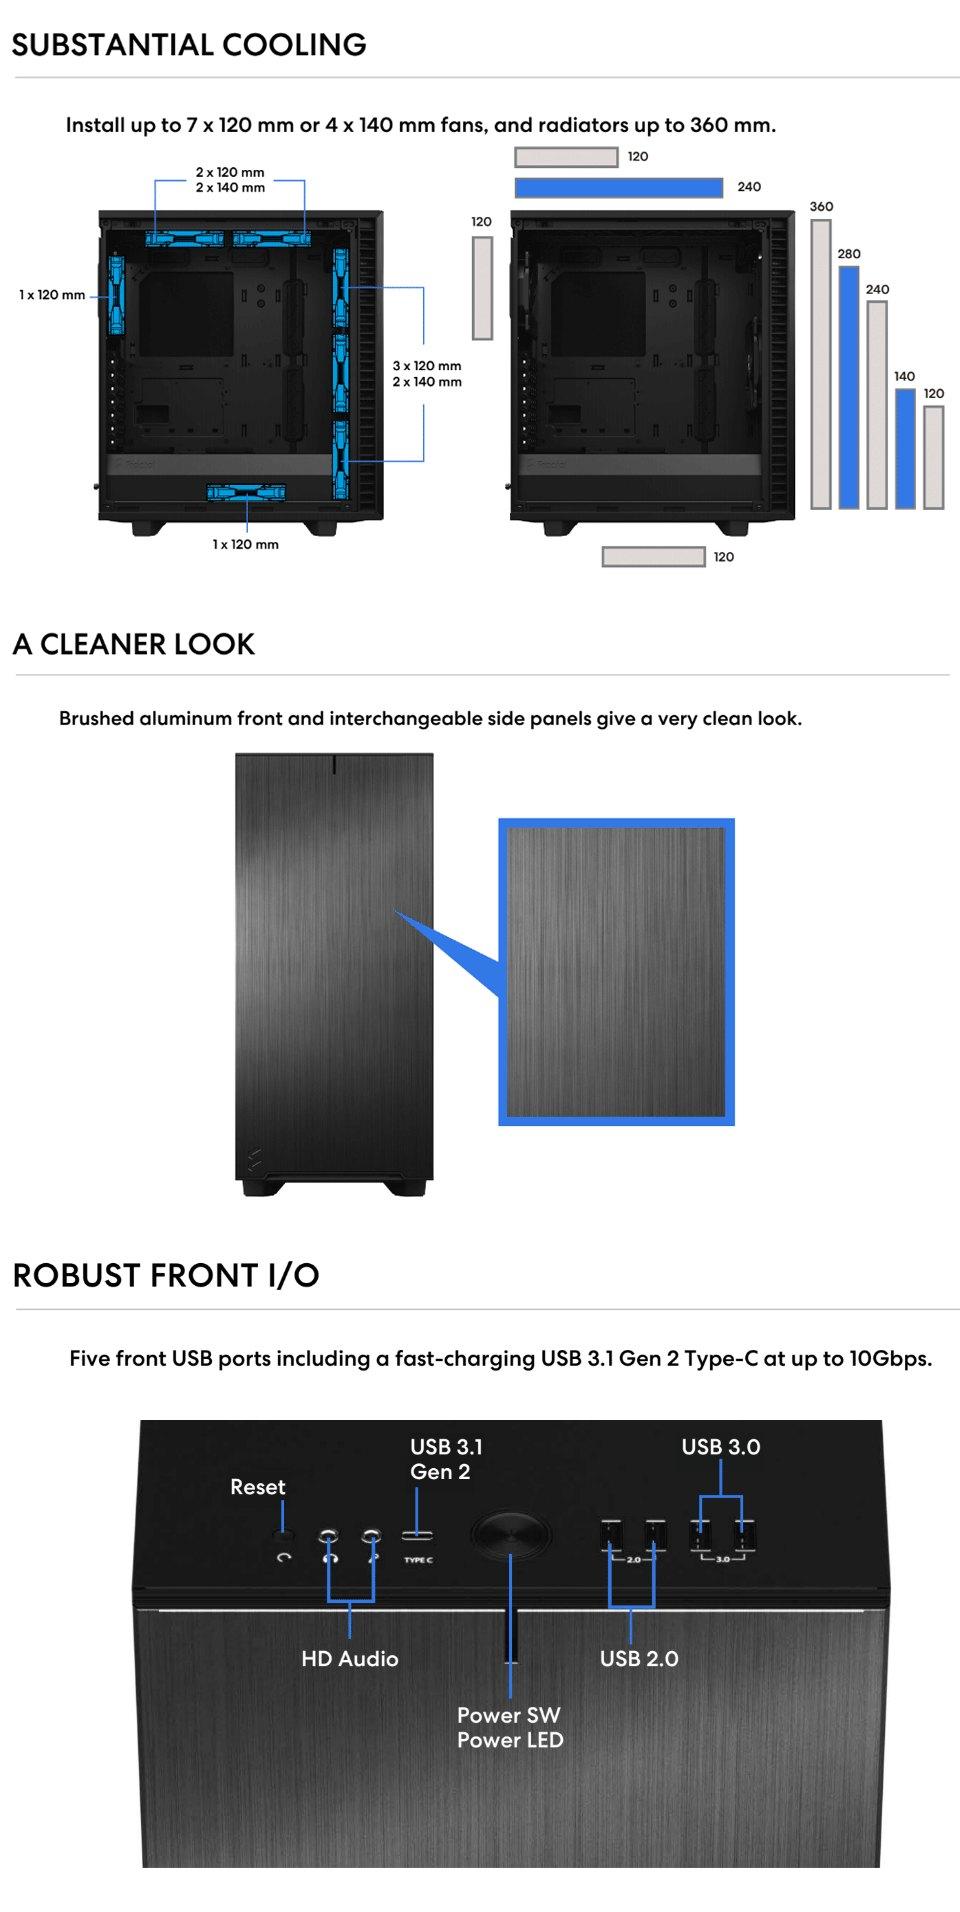 Fractal Design Define 7 Compact features 3